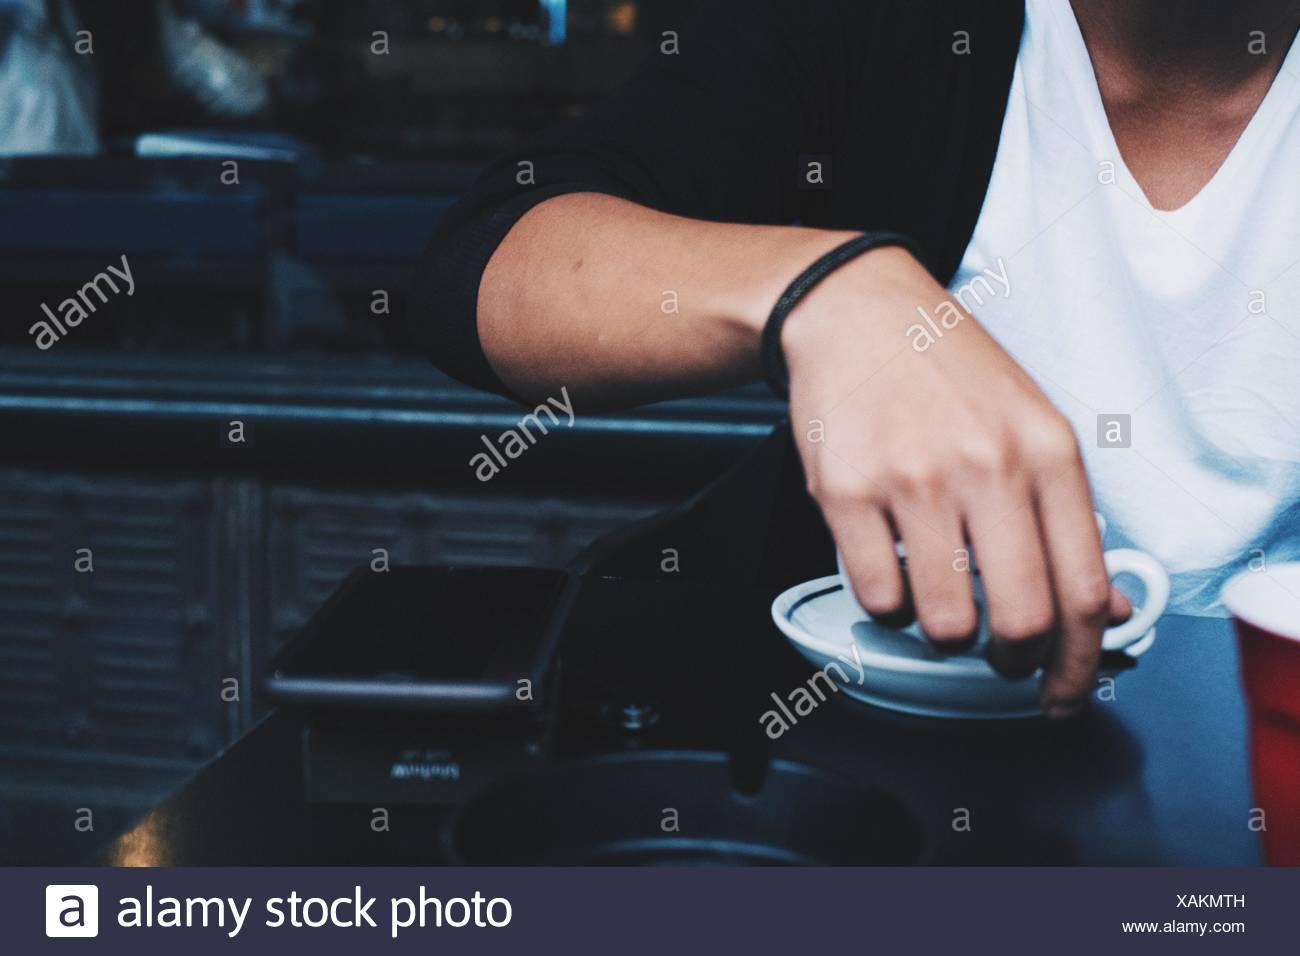 La mitad del torso de hombre con café en el restaurante Imagen De Stock